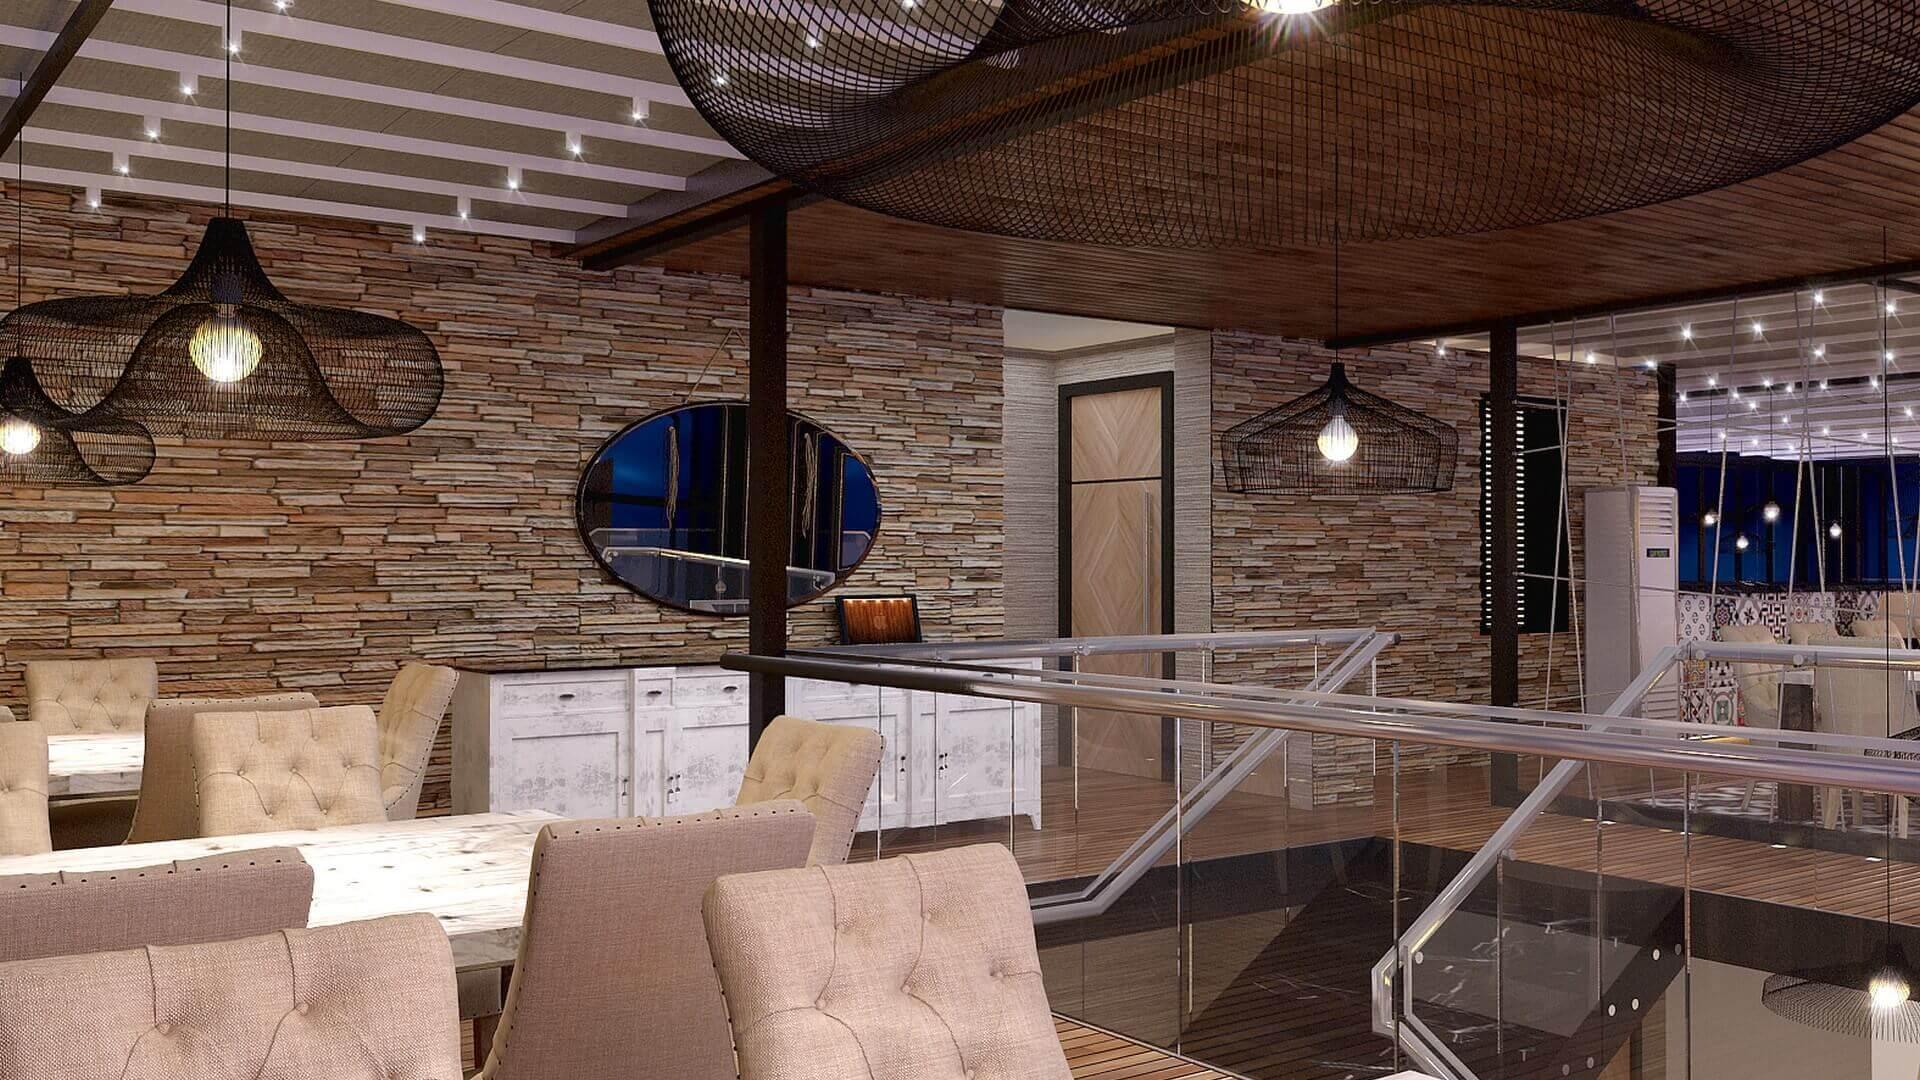 2098 Iskenderun Restaurant Restaurants